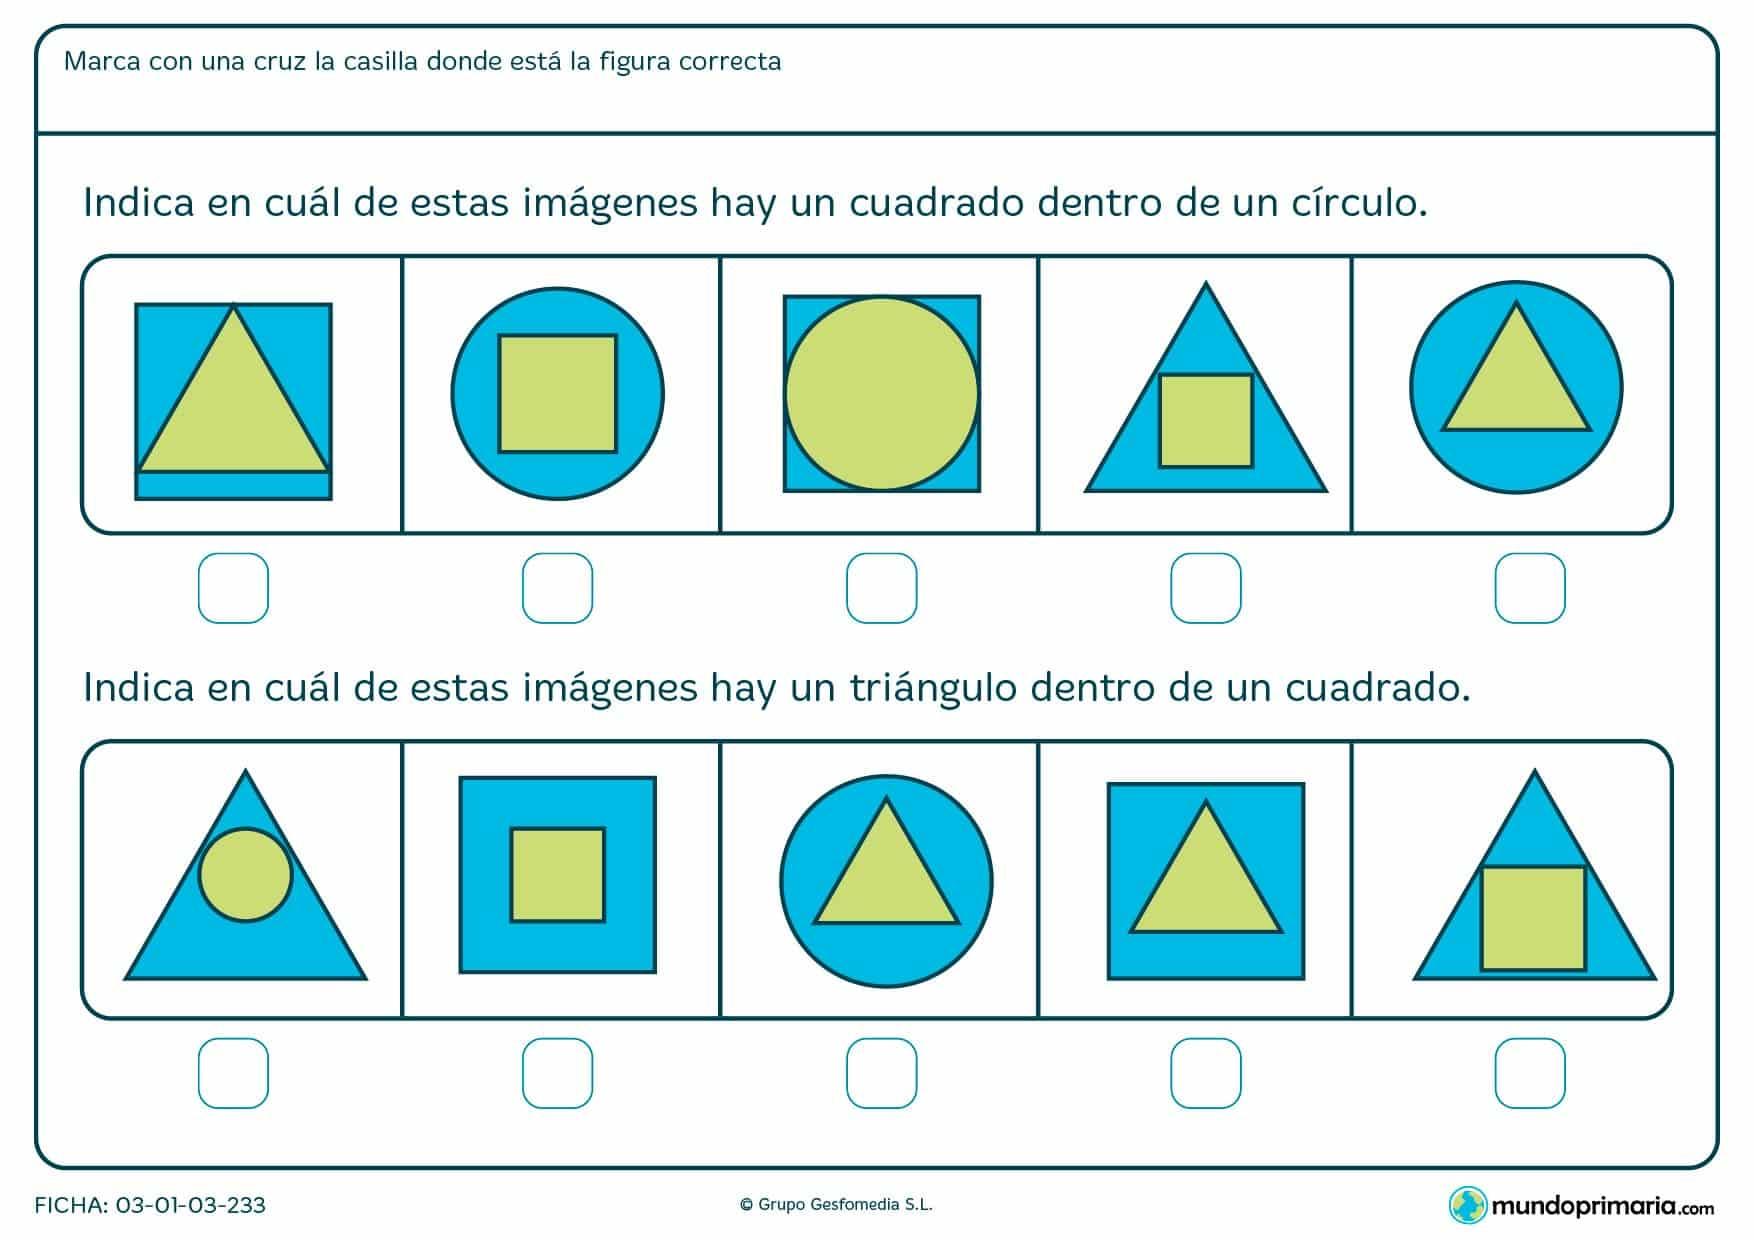 Ficha de identificar cuadrados y triángulos en la que hay que marcar con una cruz la casilla donde se encuentre la figura correcta.